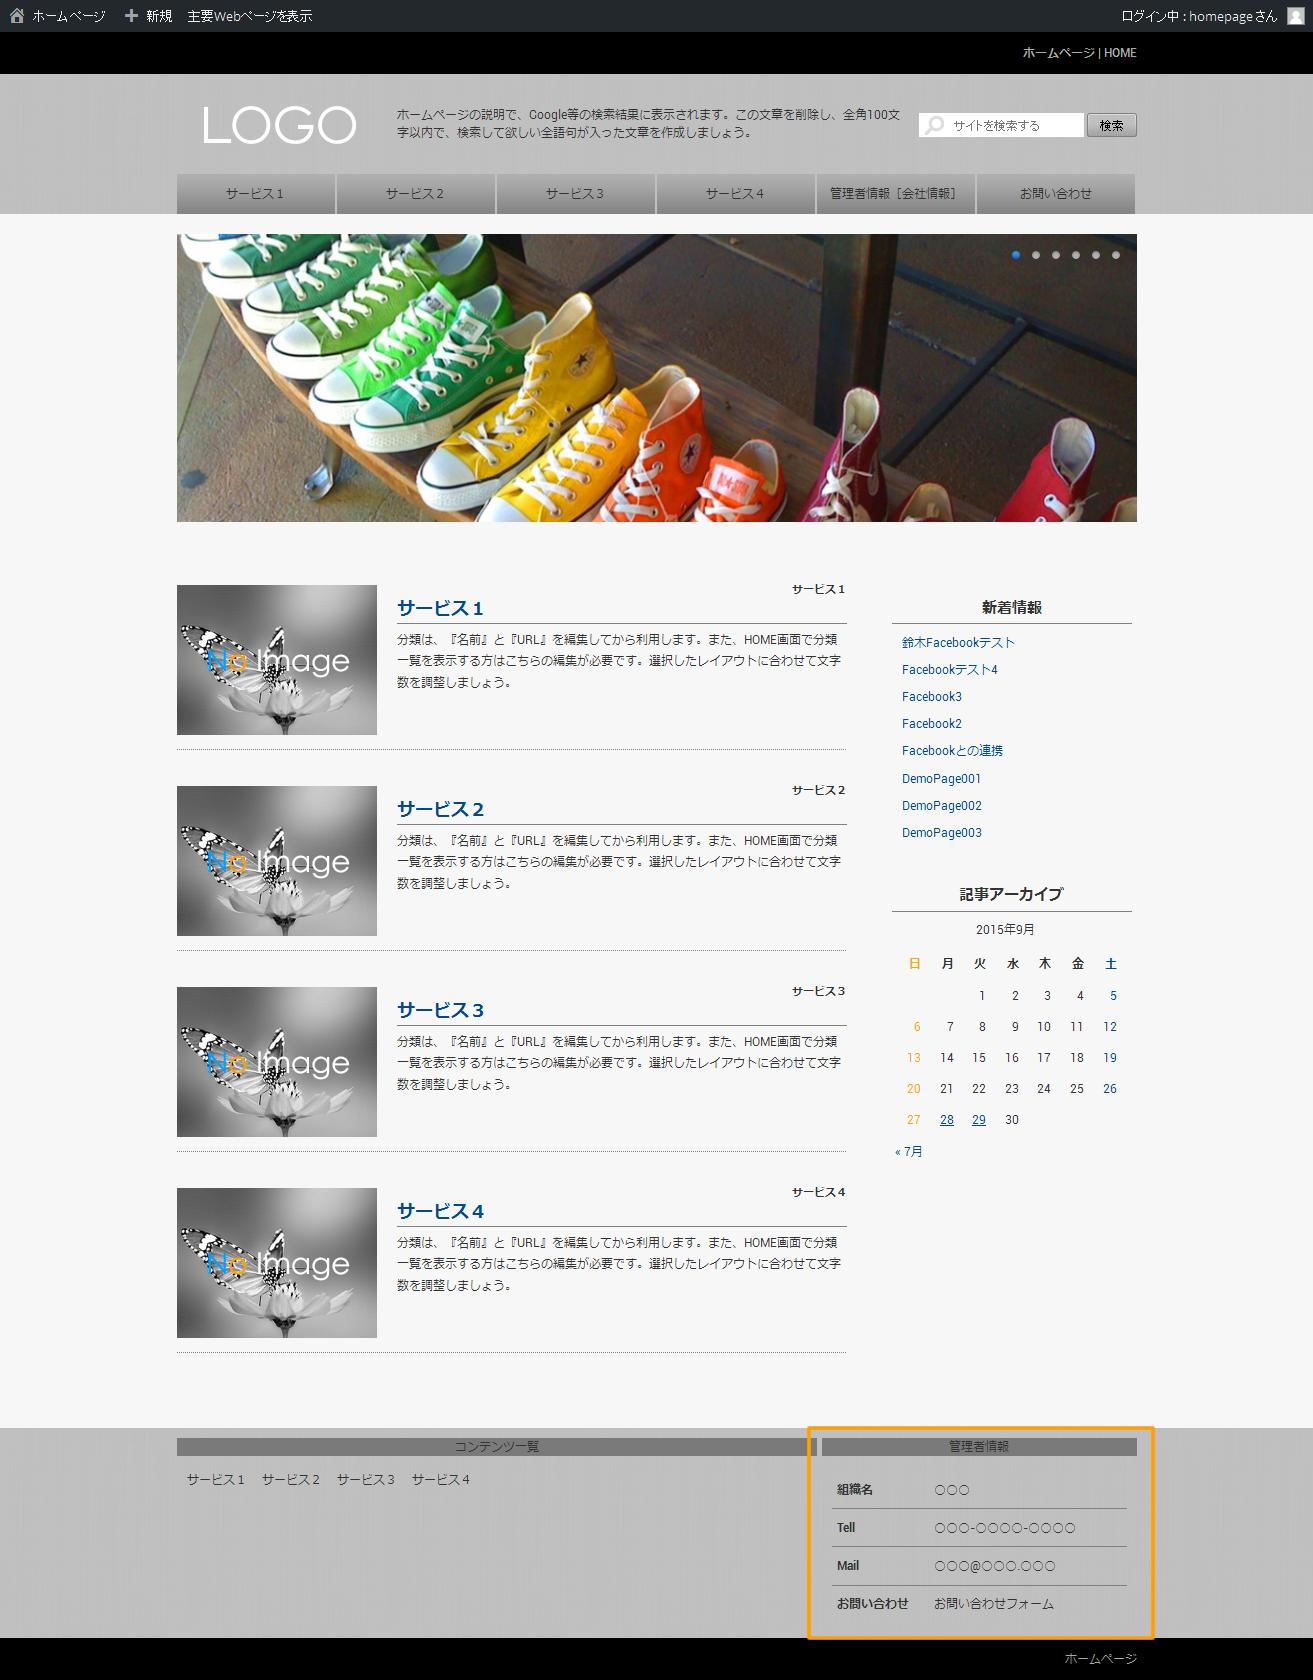 ホームページ フッター管理者情報 | 初期費用無料ホームページ作成サイト - FunMaker